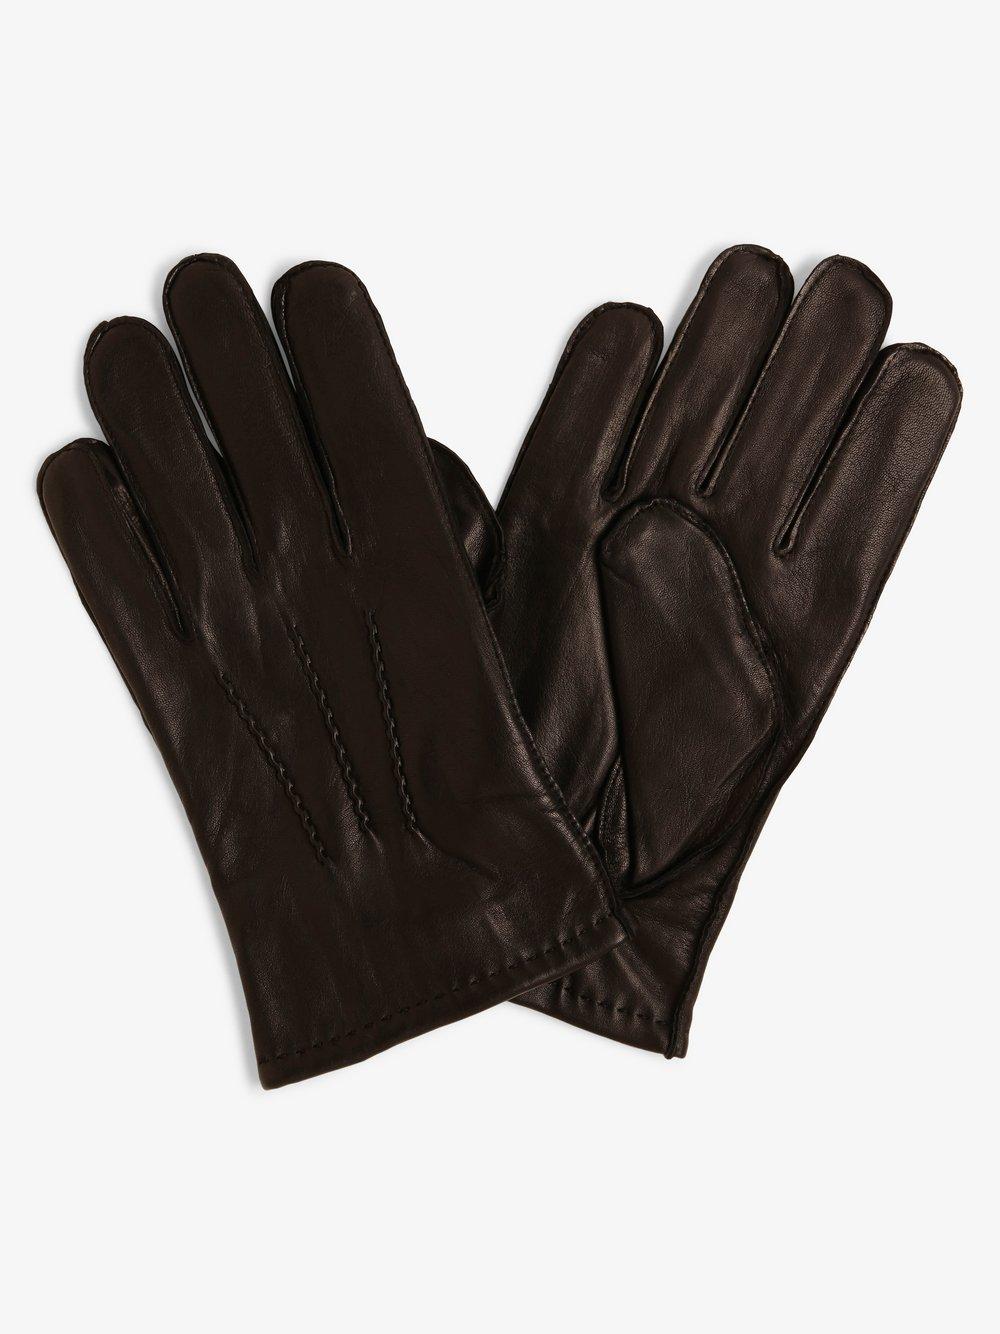 James – Skórzane rękawiczki męskie, czarny Van Graaf 413137-0001